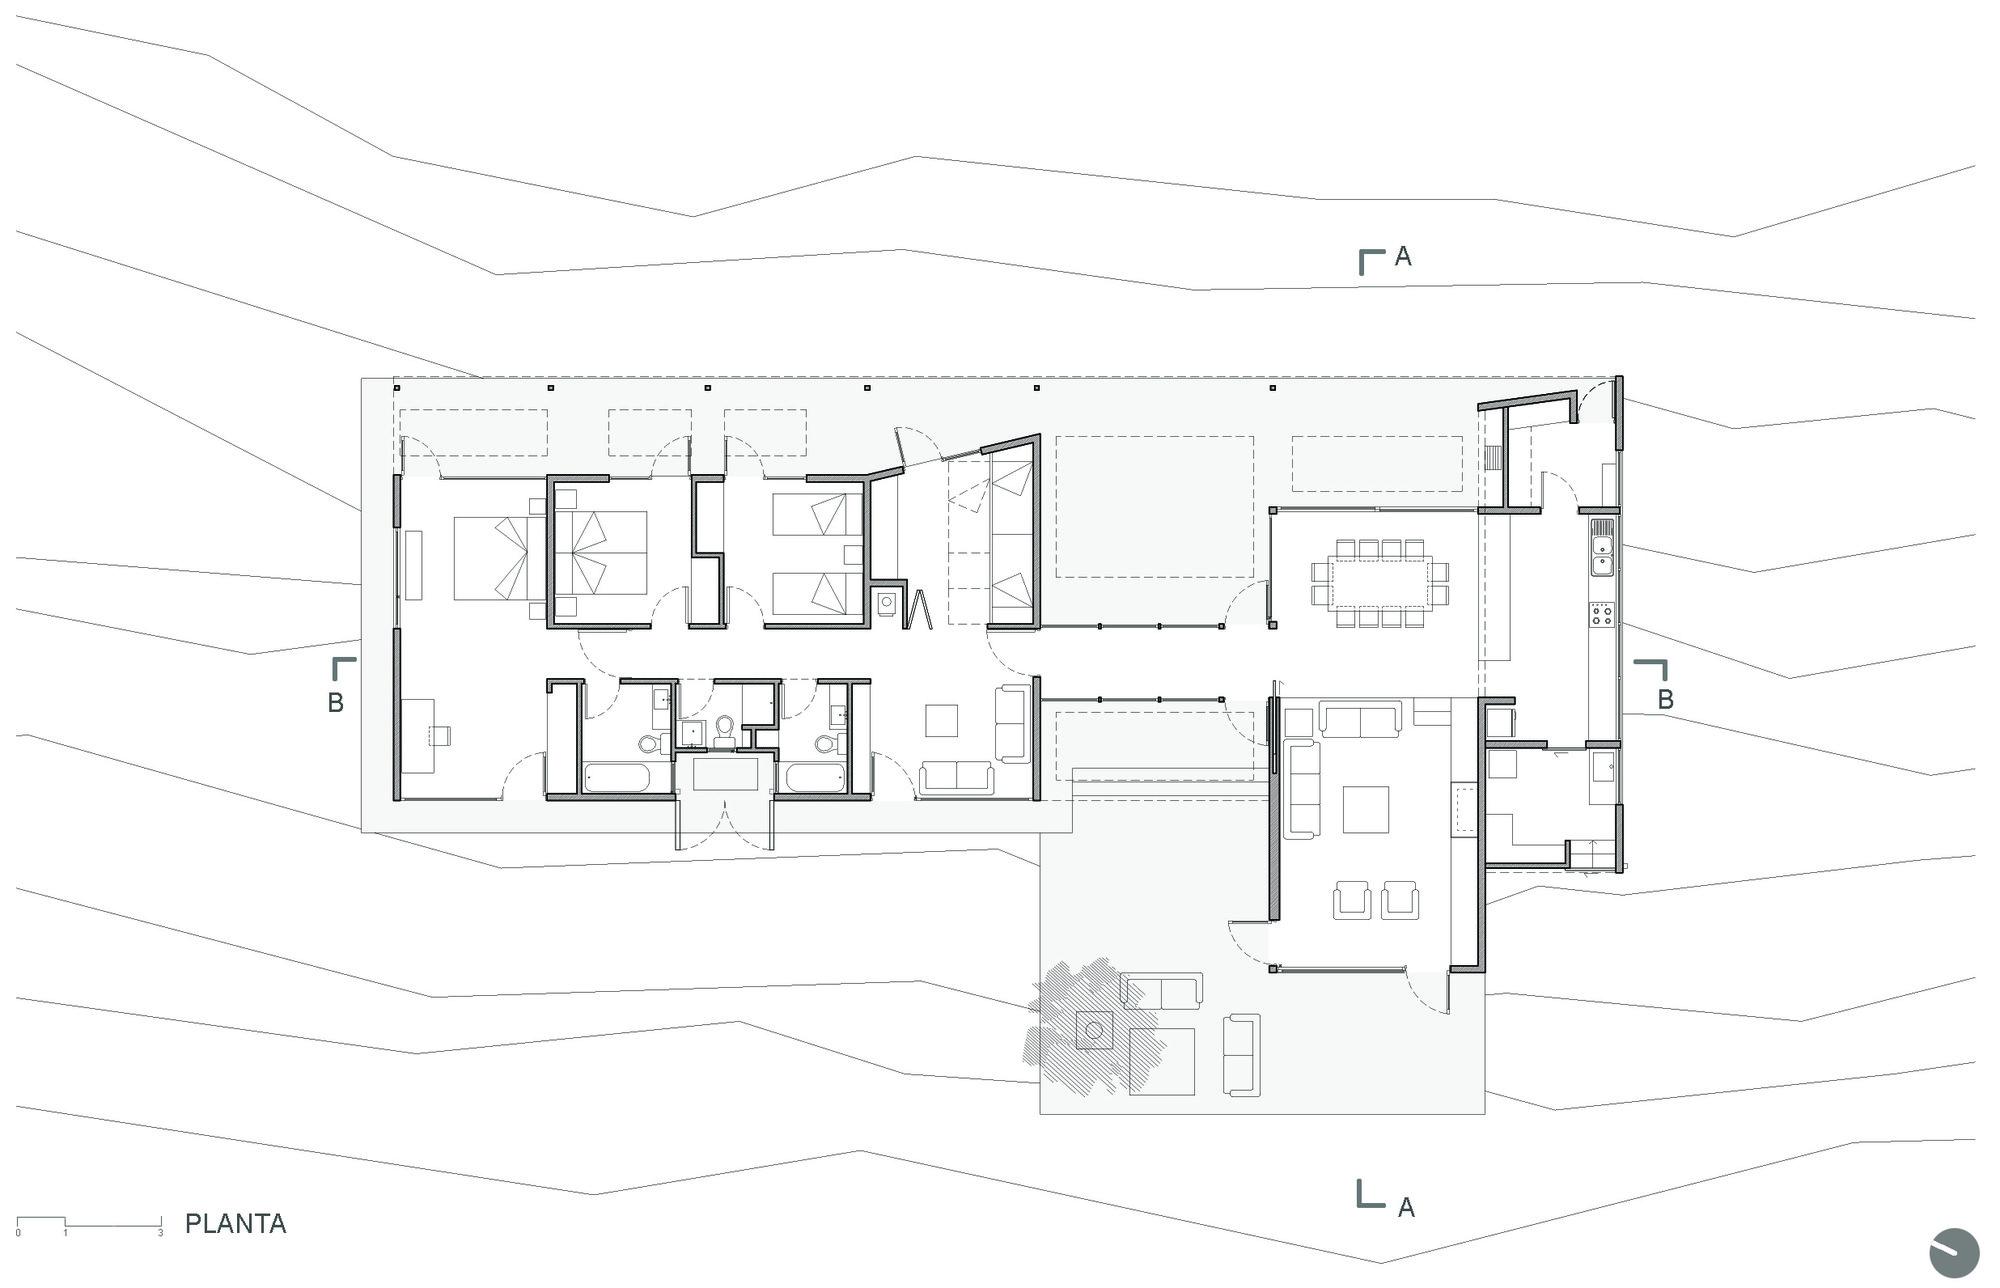 Casa la campana alejandro dumay francisco vergara a for Medidas de una oficina arquitectura